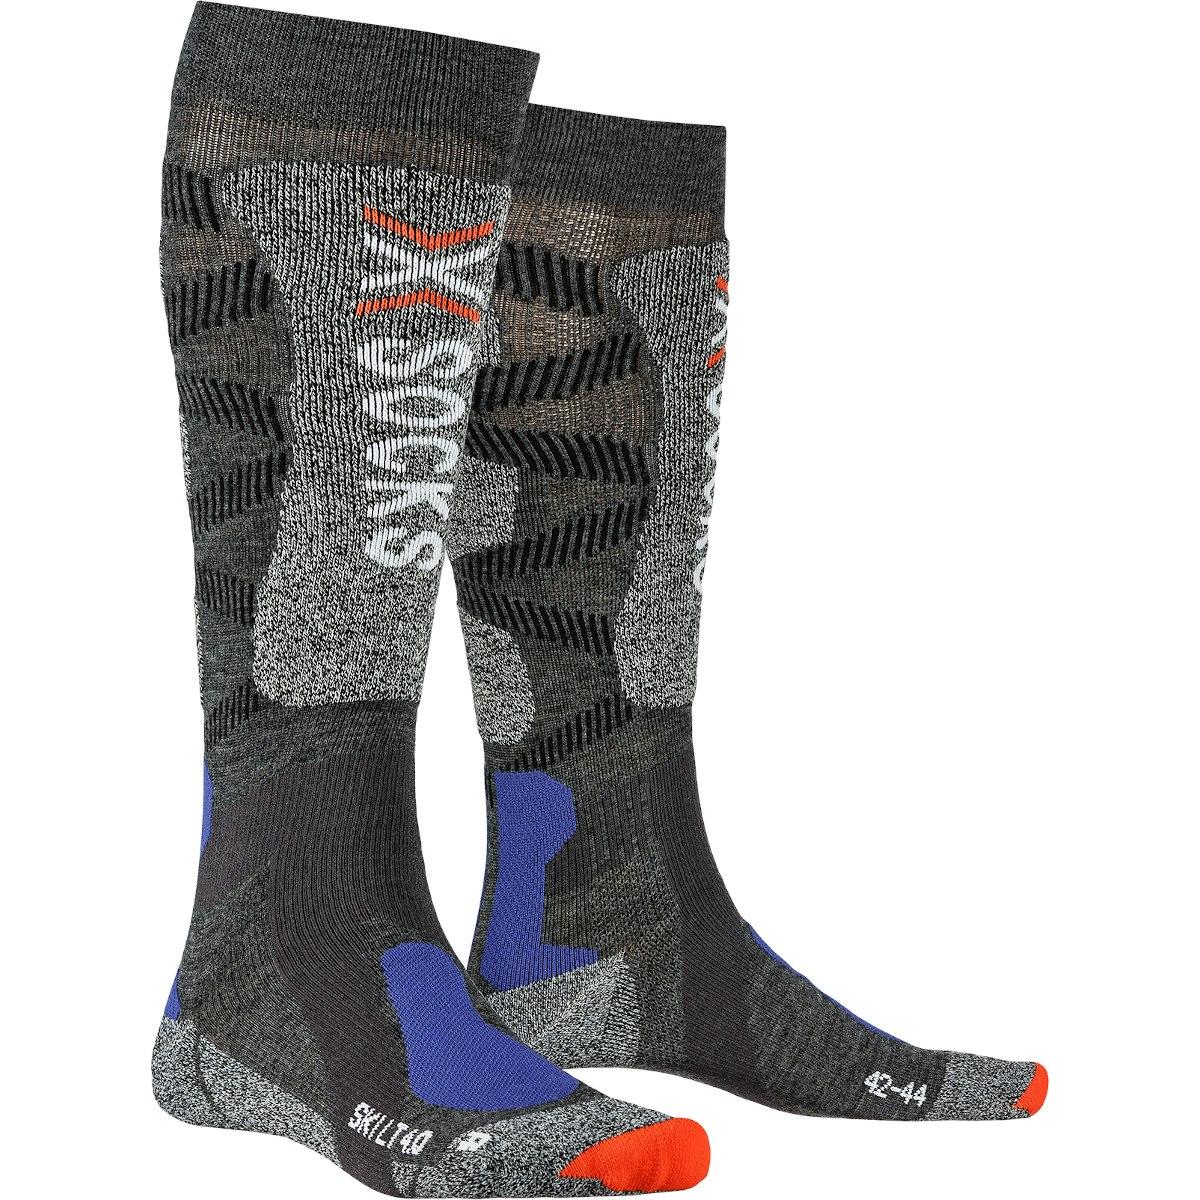 X-Socks Ski Light 4.0 Socken - anthracite melange/stone grey melange